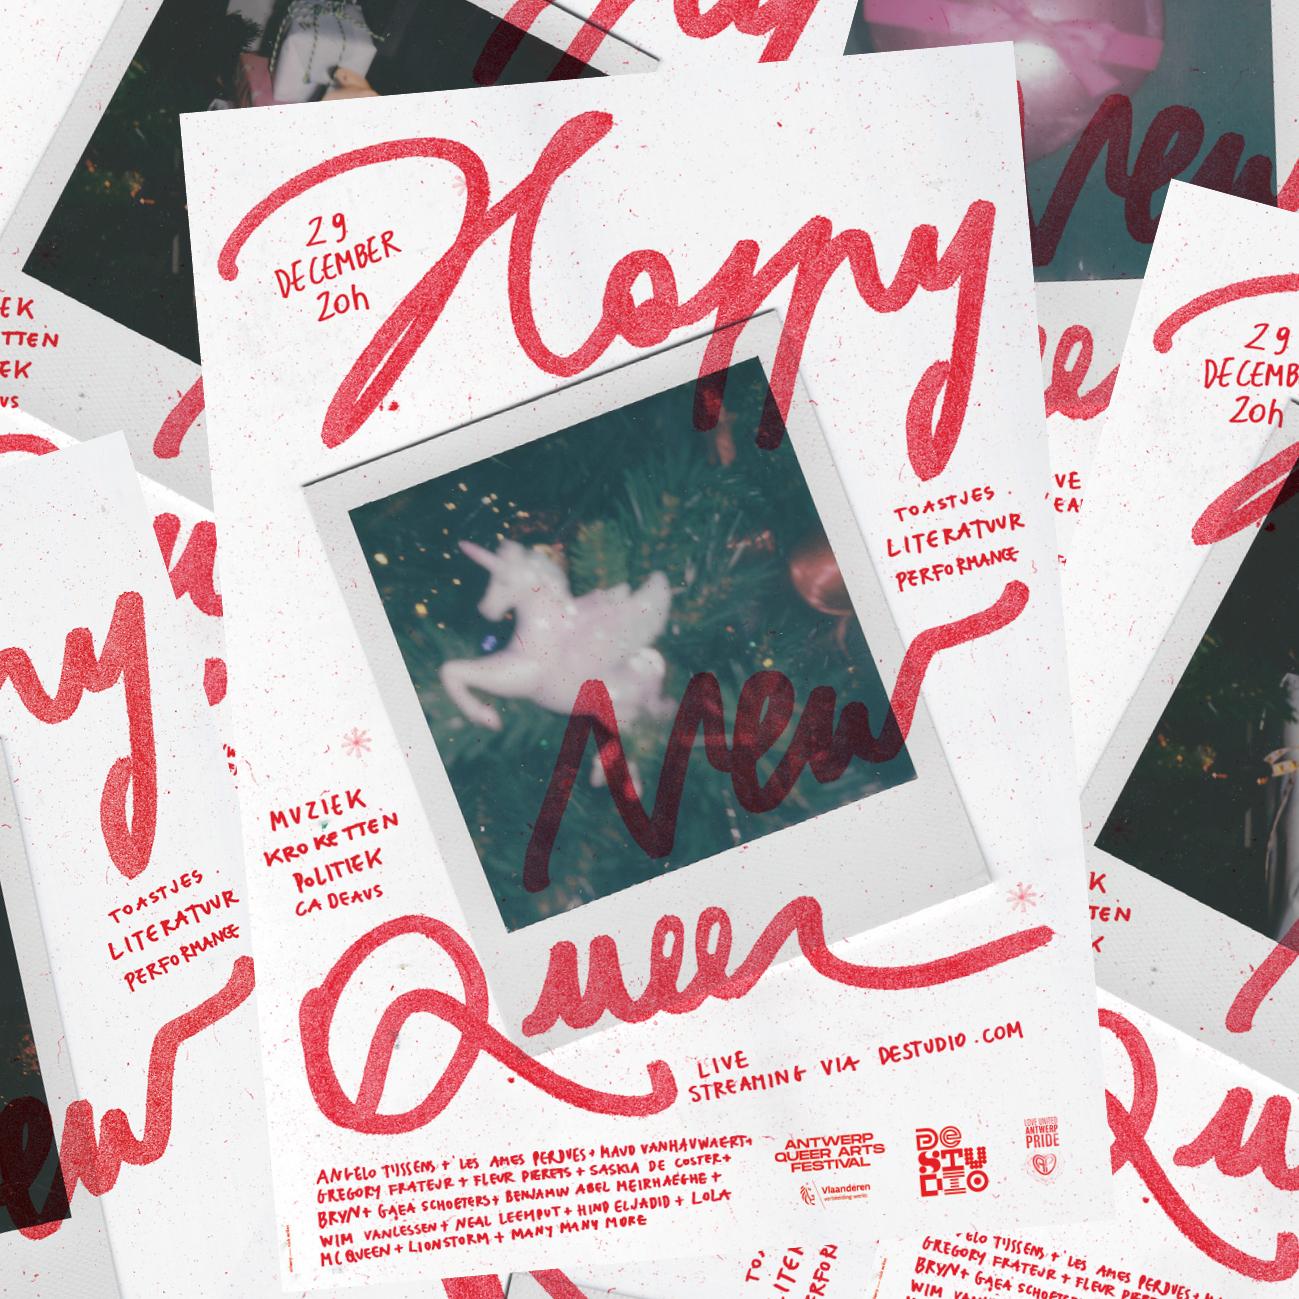 nieuwjaarsbrief #happynewqueer